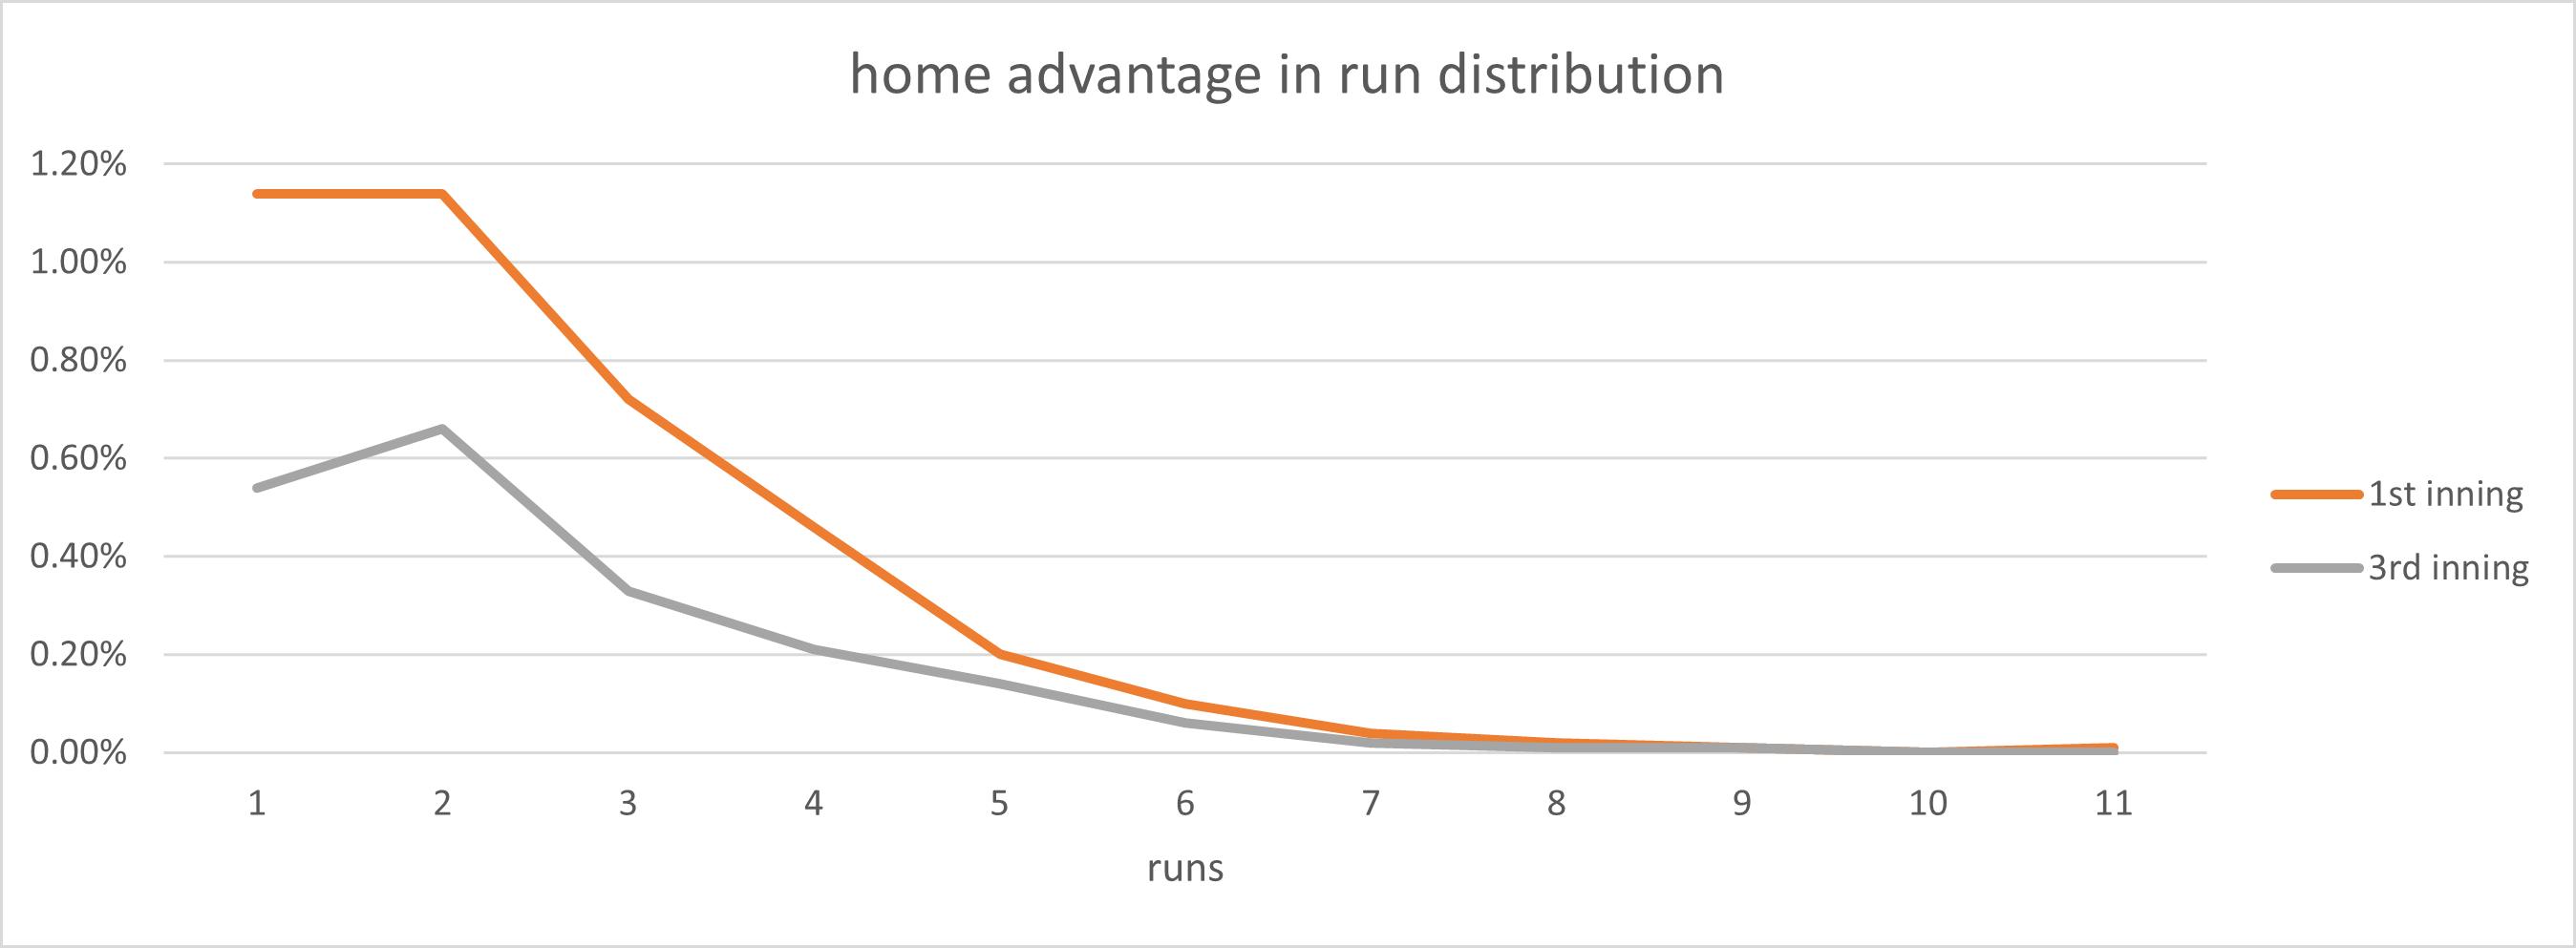 home advantage in run distribution